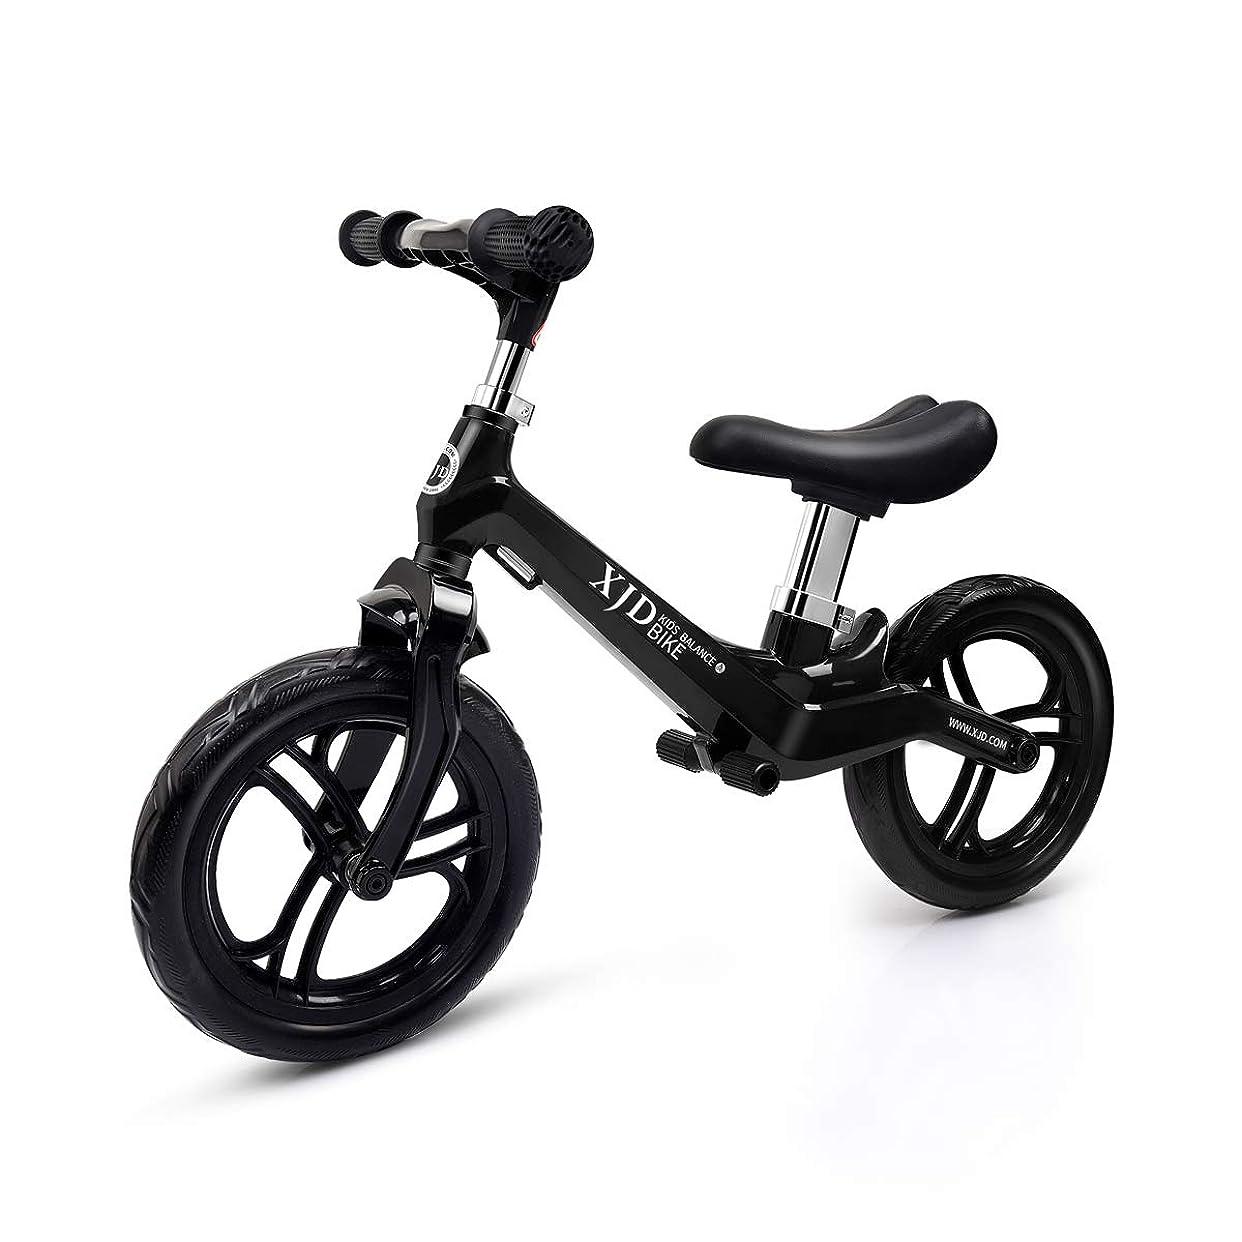 音楽を聴くラッカスじゃないXJD ペダルなし自転車 キックバイク 子供用 2歳~5歳対象 高さ調整可 超軽量マグネシウム合金製 ノーパンクタイヤ 組み立て簡単 トレーニングバイク 乗用玩具 (ブラック)